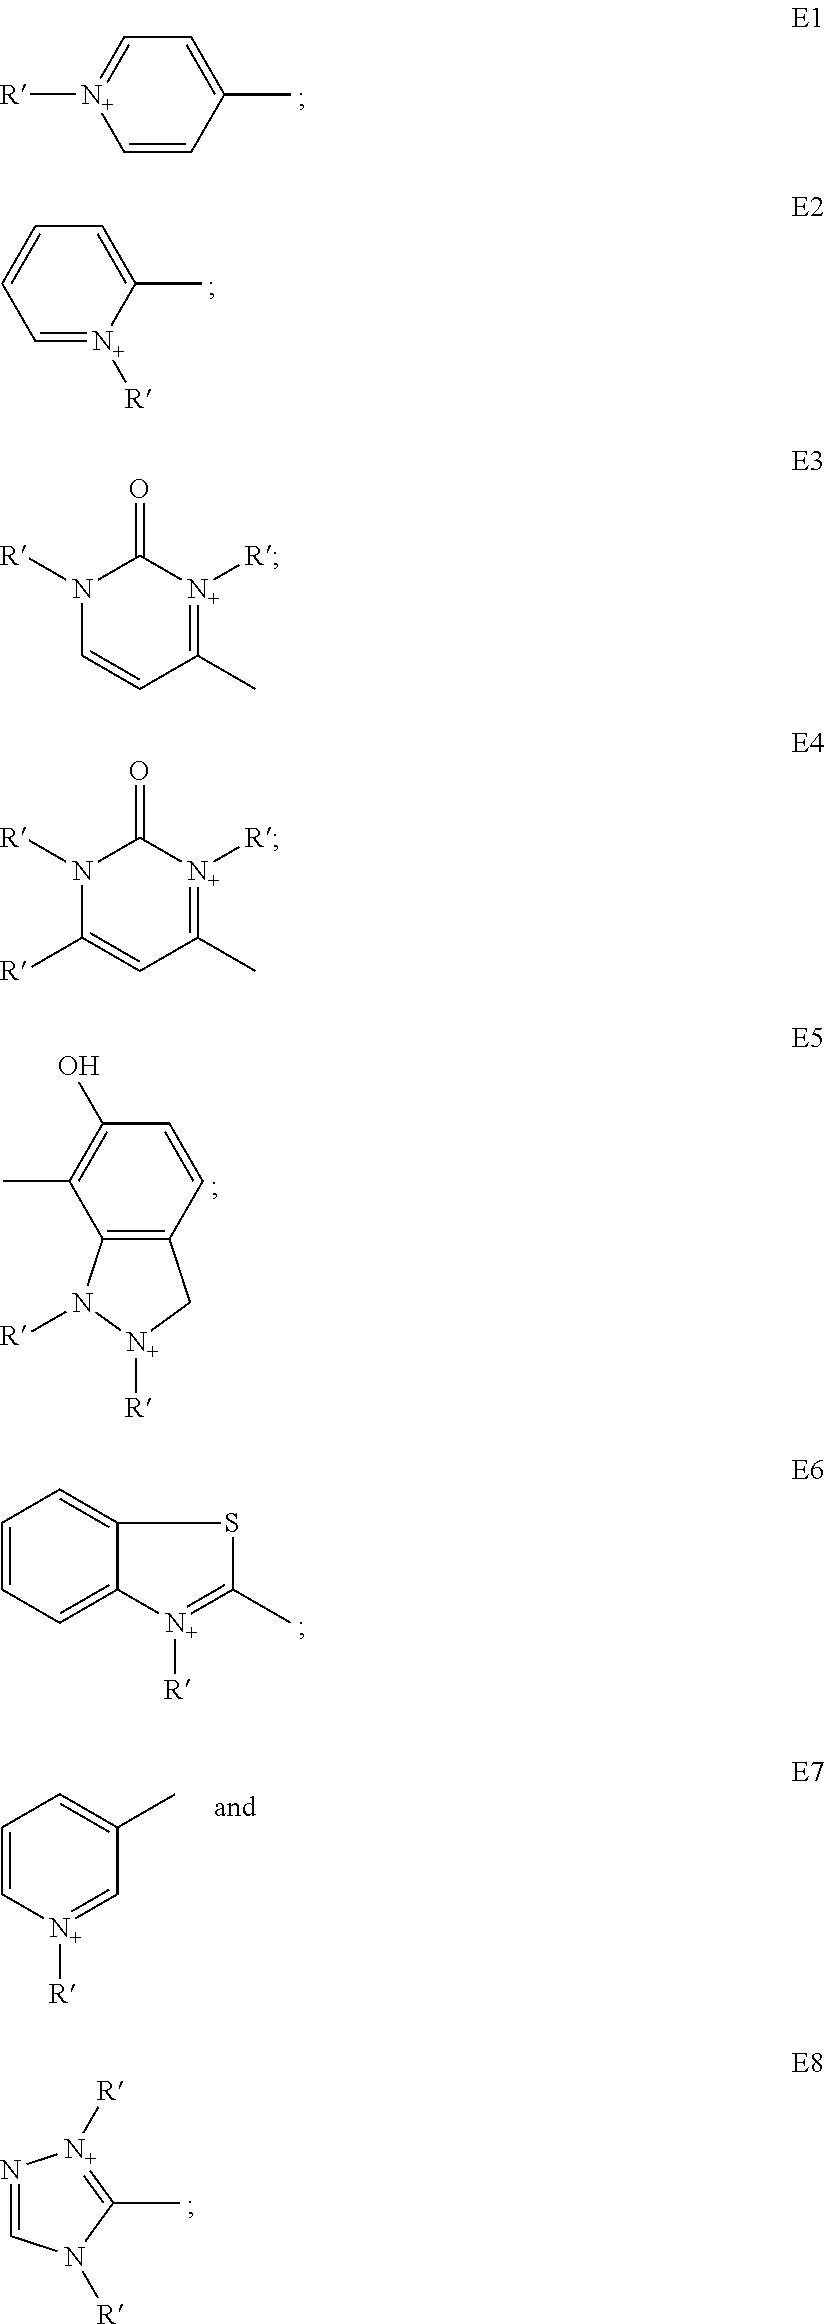 Figure US20110155167A1-20110630-C00011